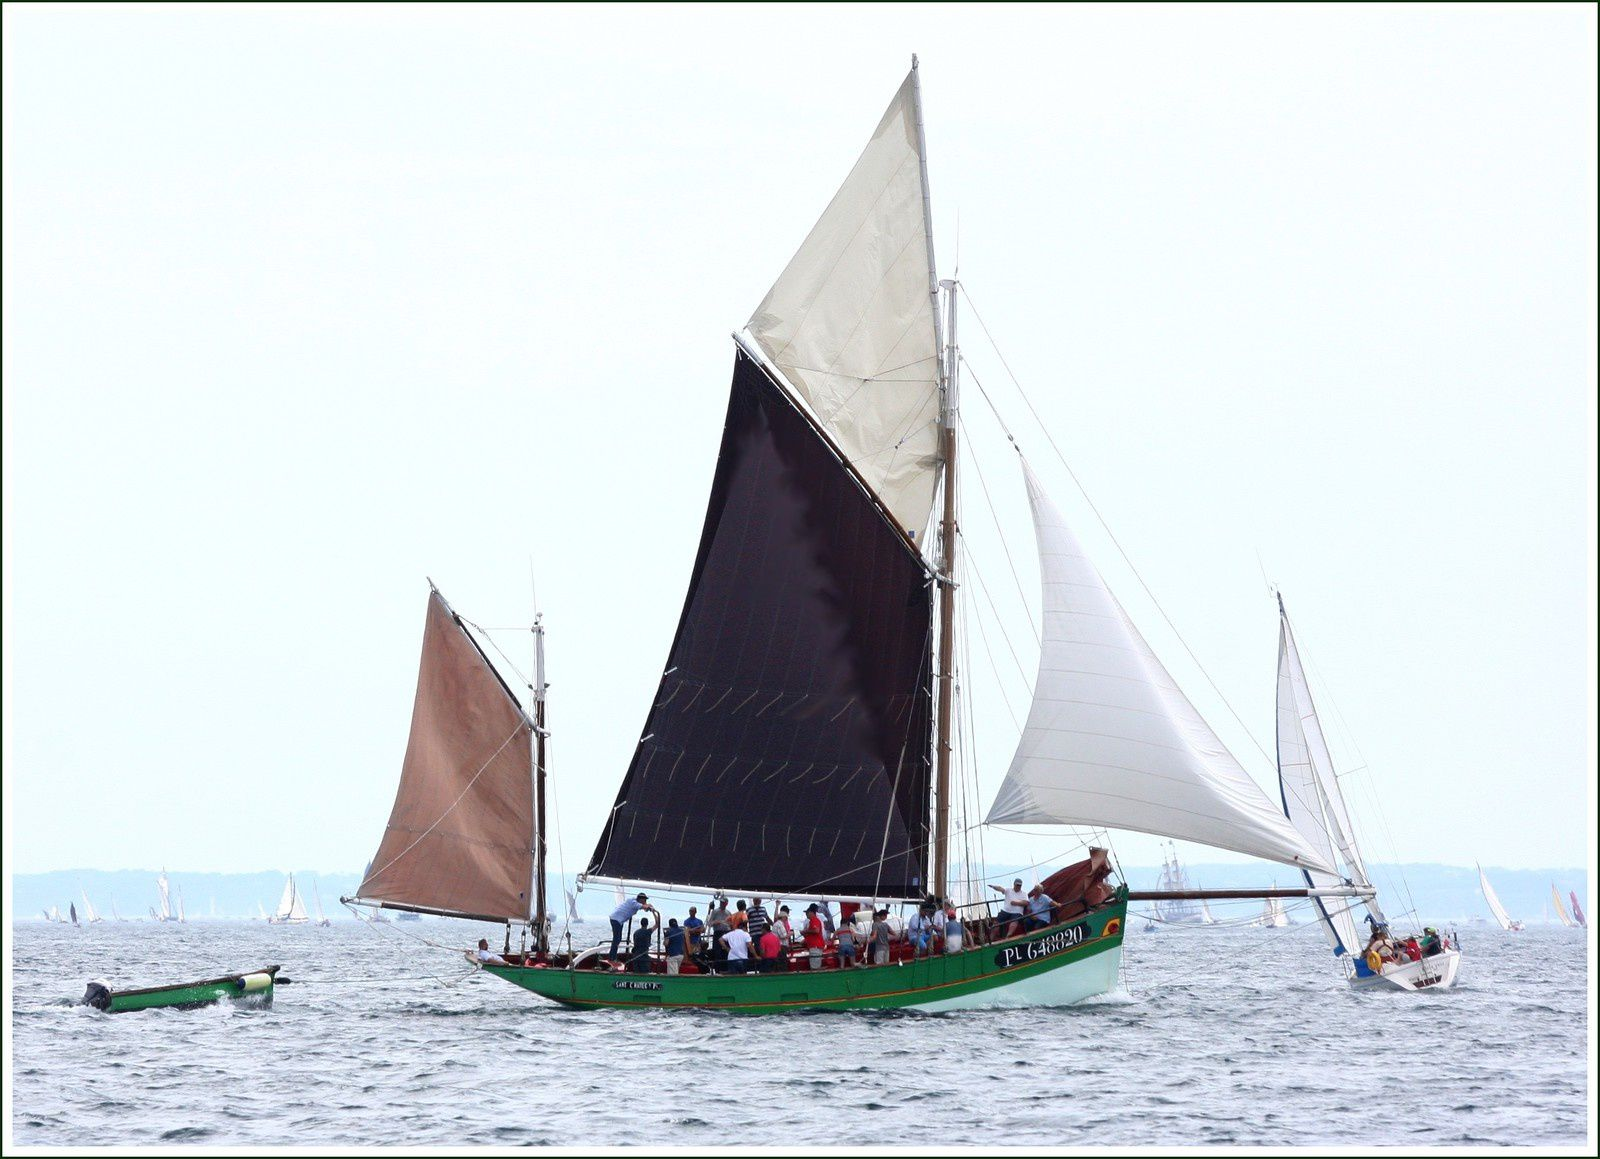 280 - Rencontres bateaux au fil de l'eau, 11ème, 2016 07 19 photos © GeoMar, voiliers armada, parade Brest-Douarnenez, SKELLIG, TELENN MOR, EULALIE, LOLA of SKAGEN, IRIS, PROVIDENT, IMOCA 60, POPOFF, SANT C'HIREG, LA GAILLARDE, PERE DANIEL, ONIROS, IRENE of BRIGWATER, SHTANDART, SWN Y MOR, BERGERE de DOREMY, GENERAL LECLERC, MARGUERITE, EUROPA, IRIS, LA GRANVILLAISE